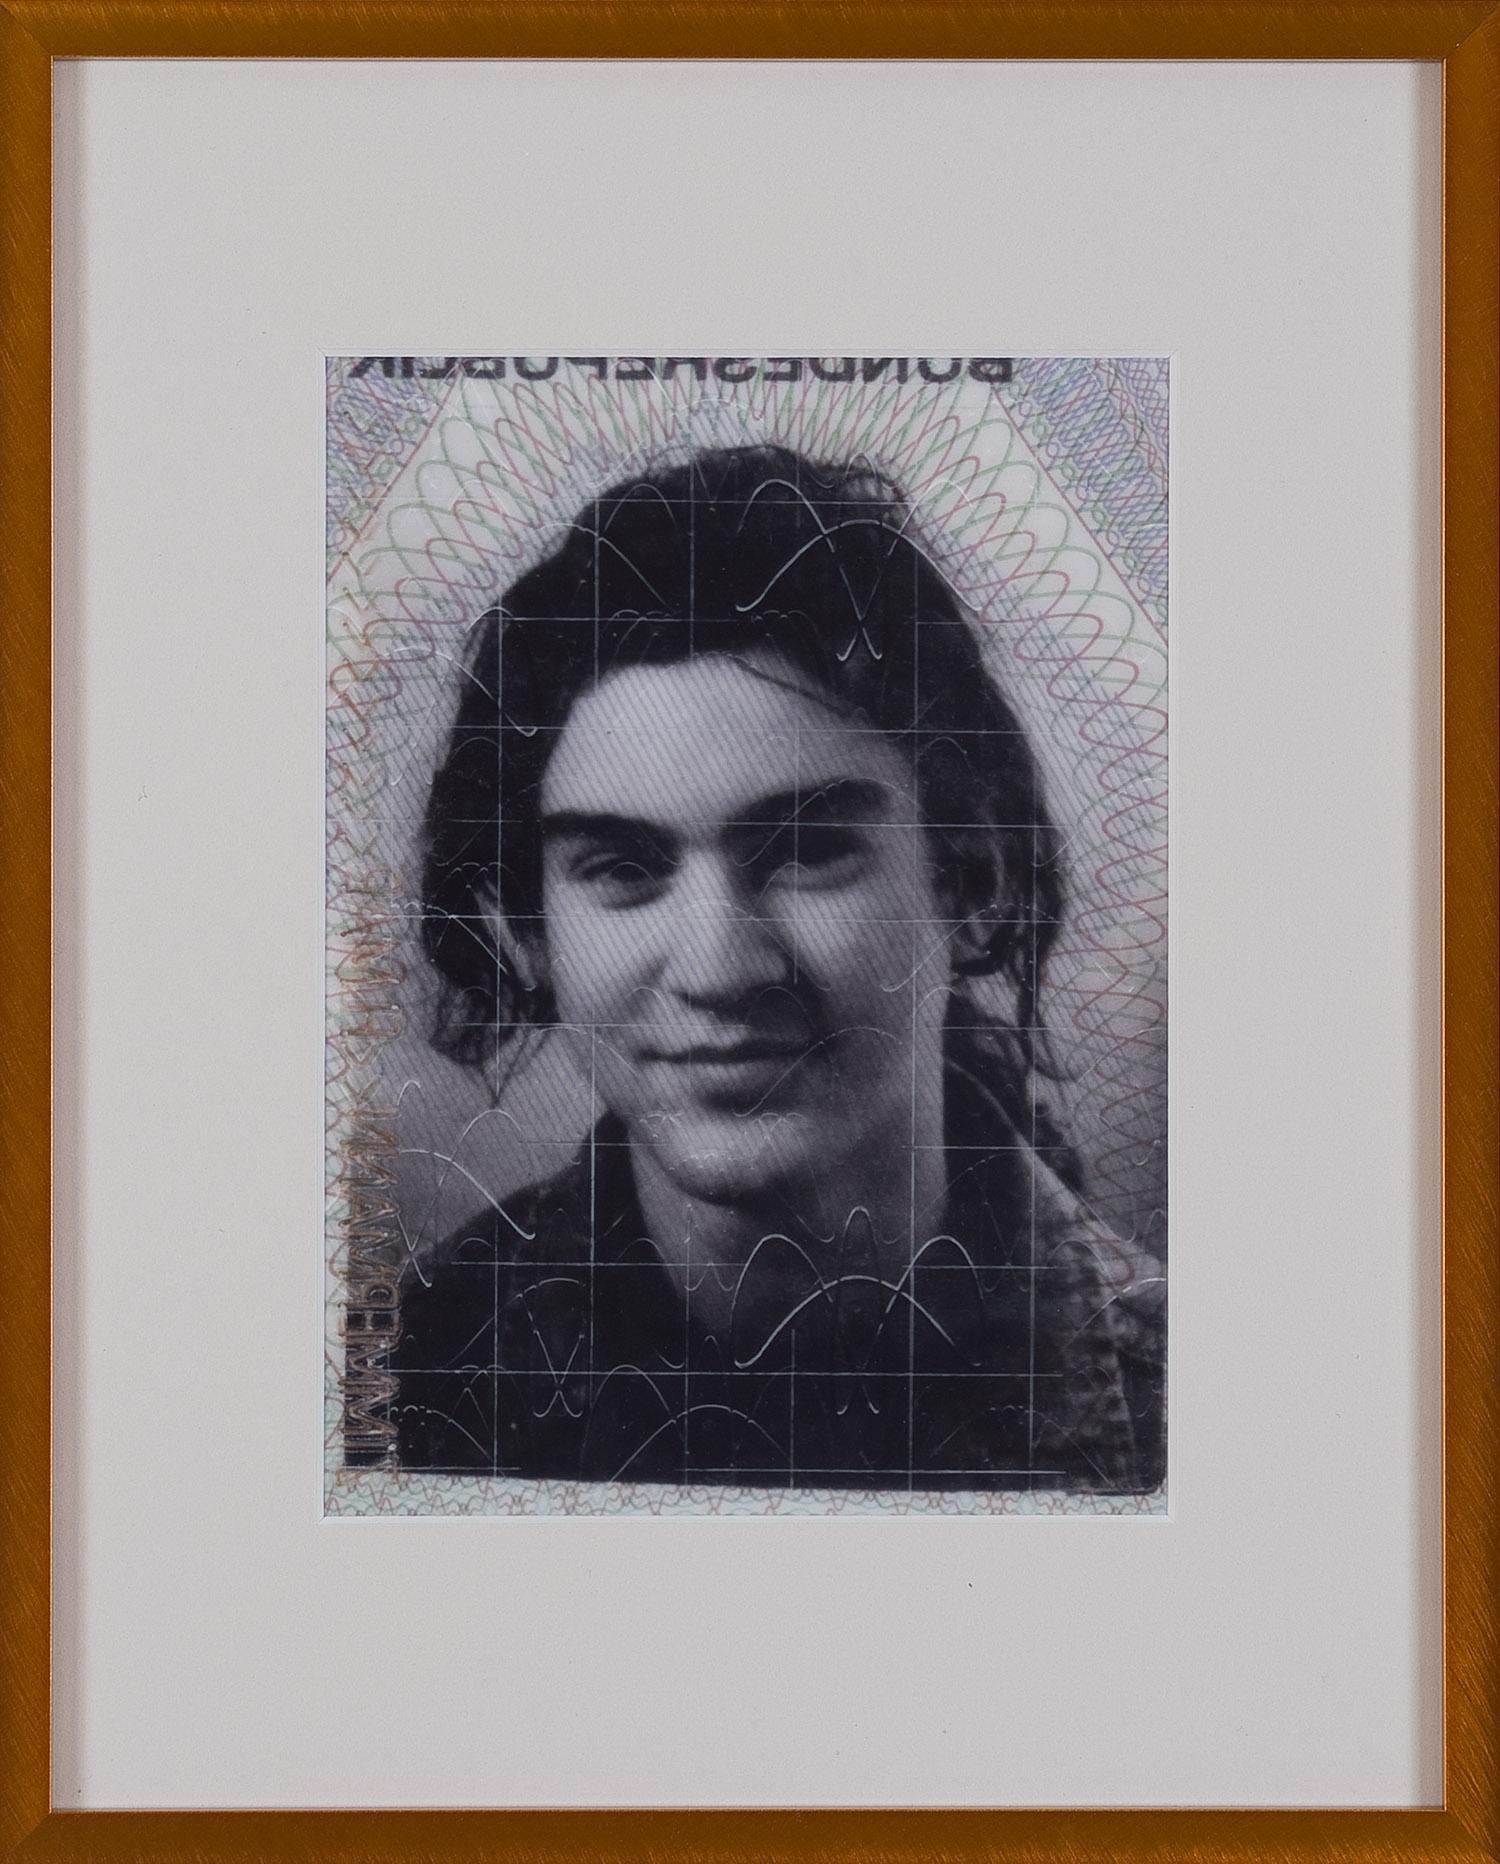 ID   2010   Digitaldruck auf Fuji Crystal Archive Papier   19,5 x 14,5 cm   gerahmt 30 x 24 cm   Ed. 10